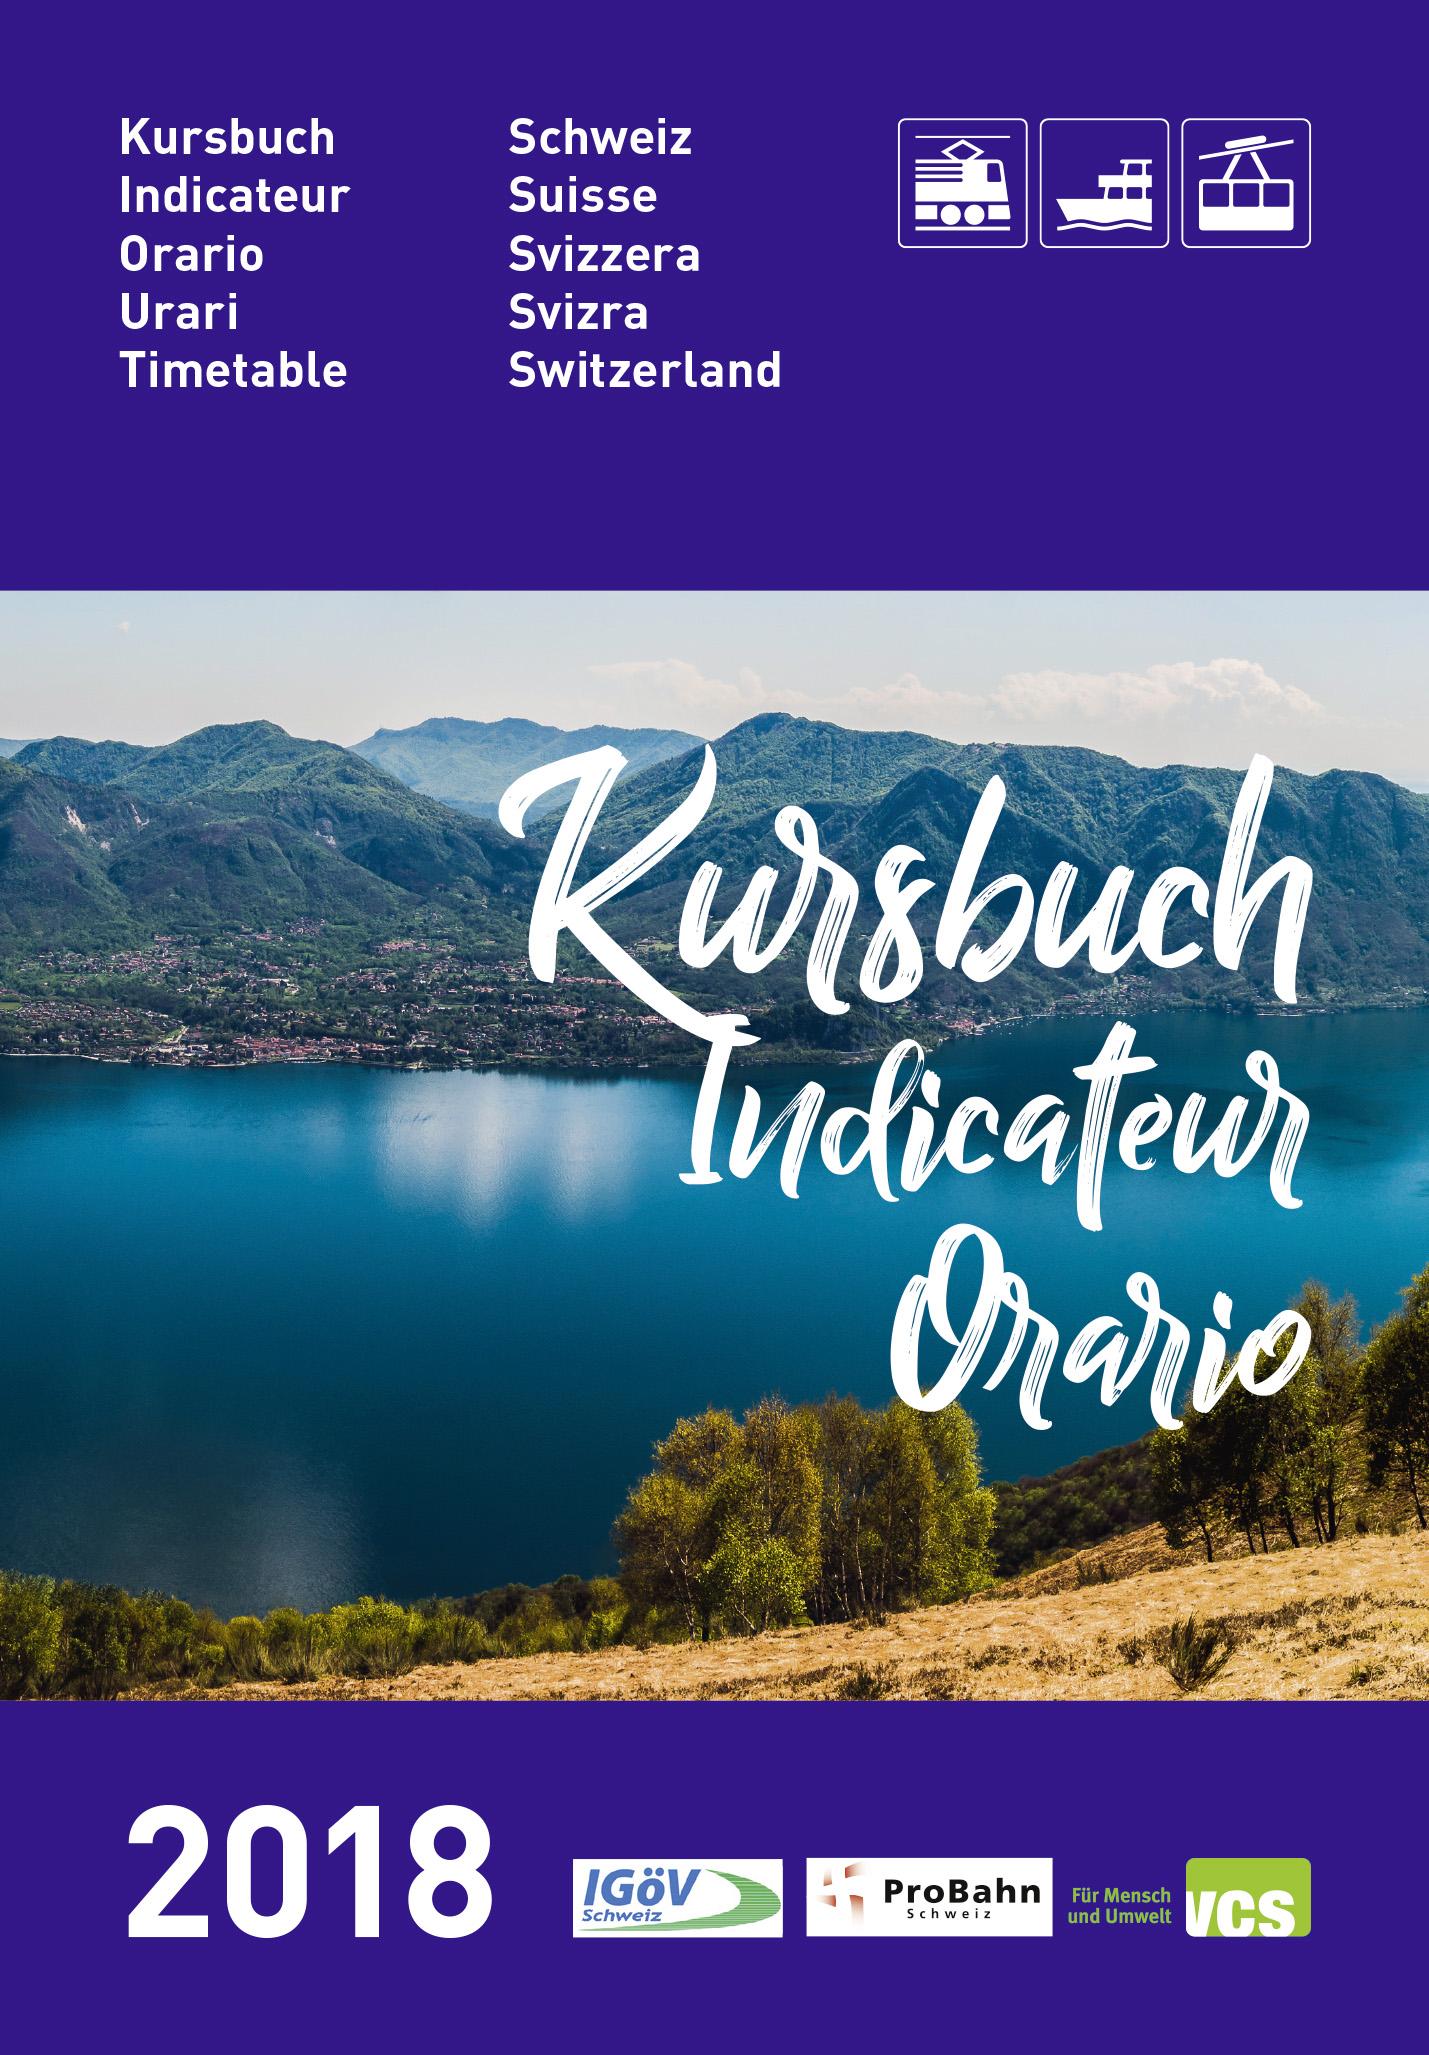 Meilleures rencontres Apps Schweiz